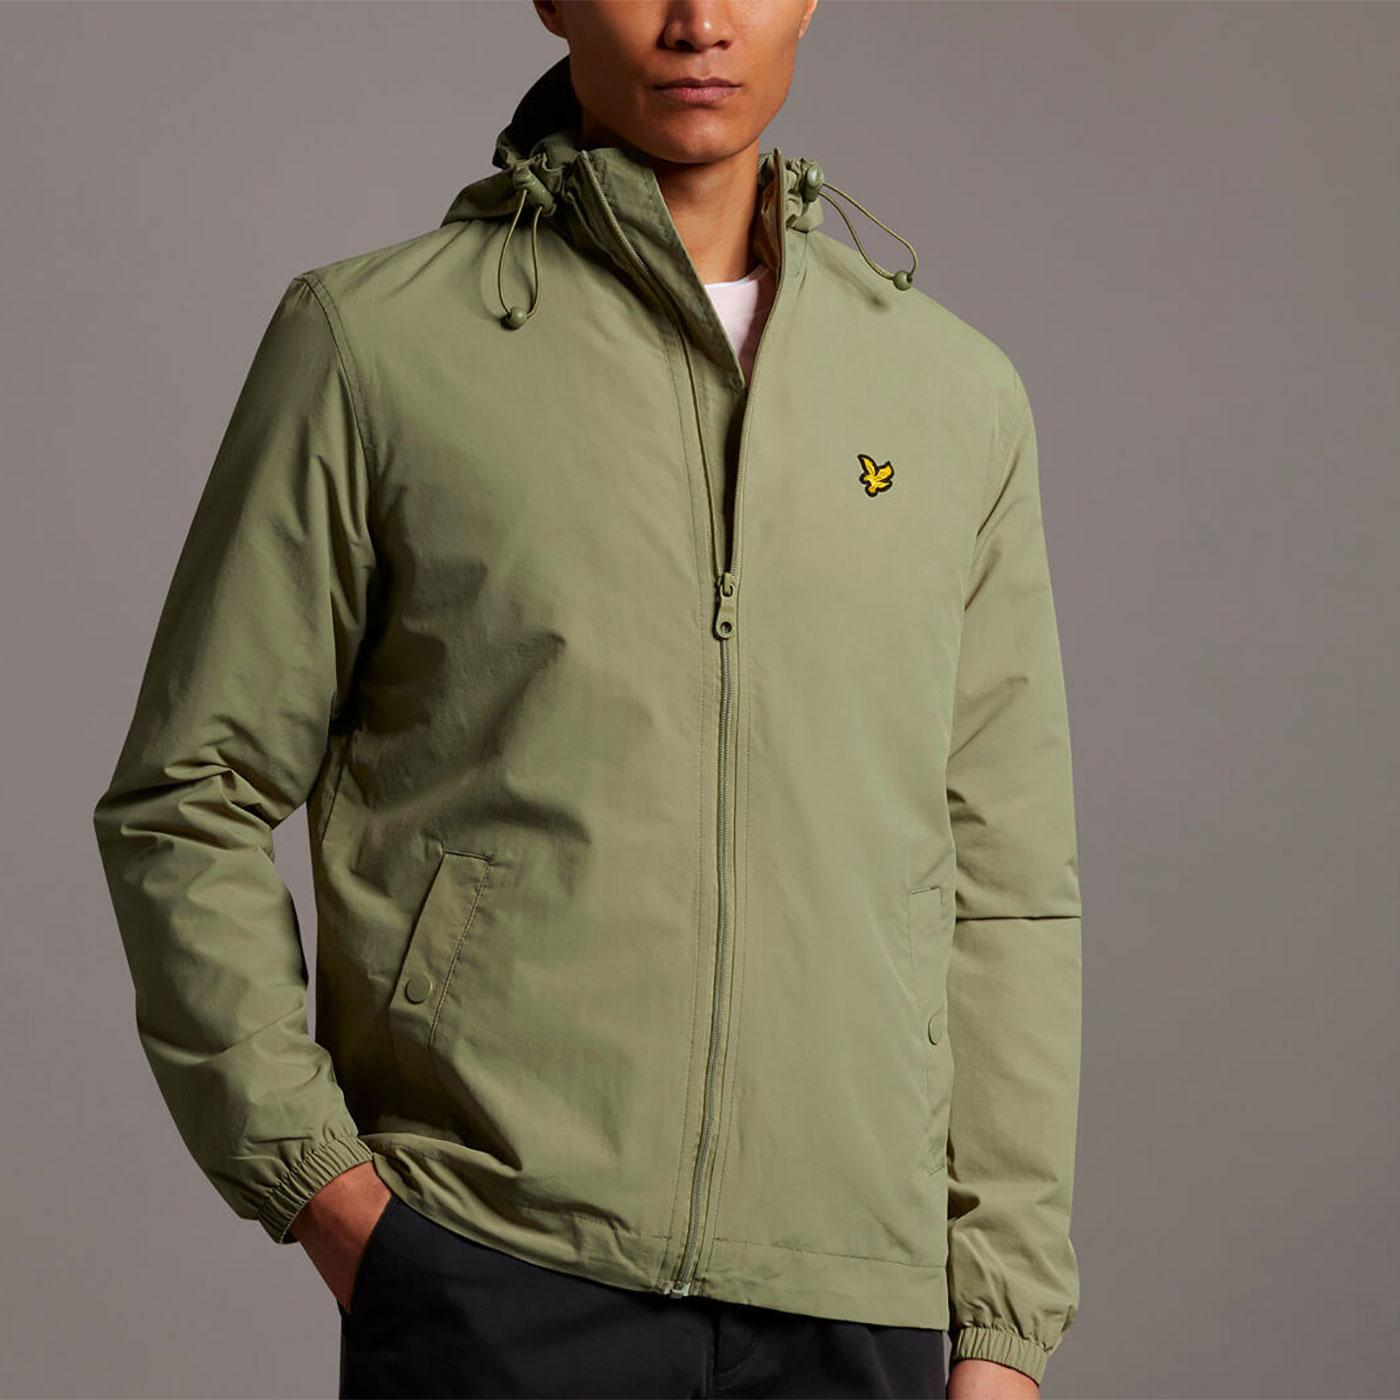 LYLE & SCOTT Zip Through Hooded Jacket (Moss)